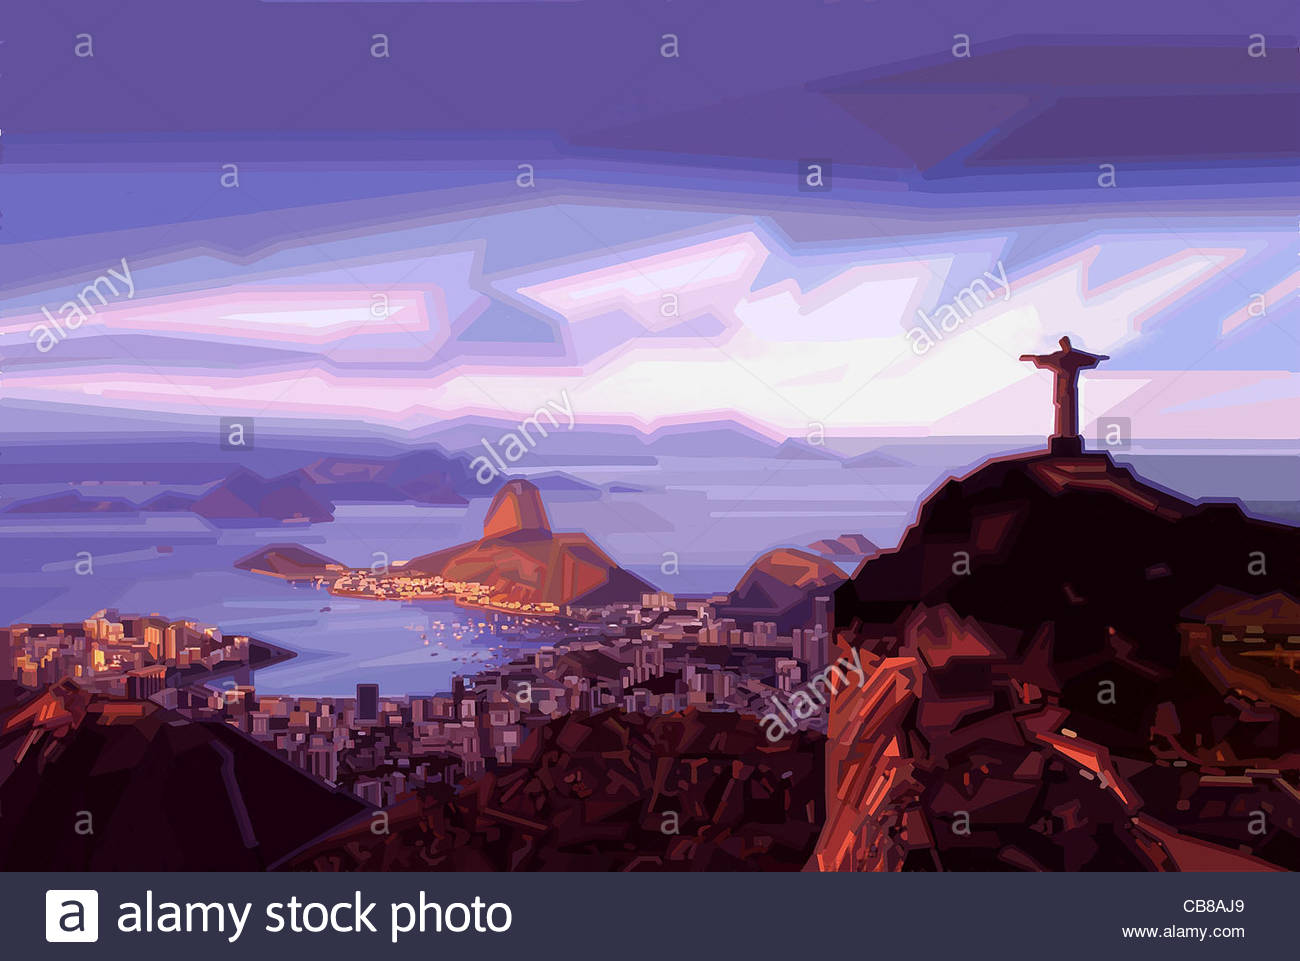 Reihe Stadt Rio de Janeiro Karneval Stadt städtische Urbanität Städte Stadt In Stockbild